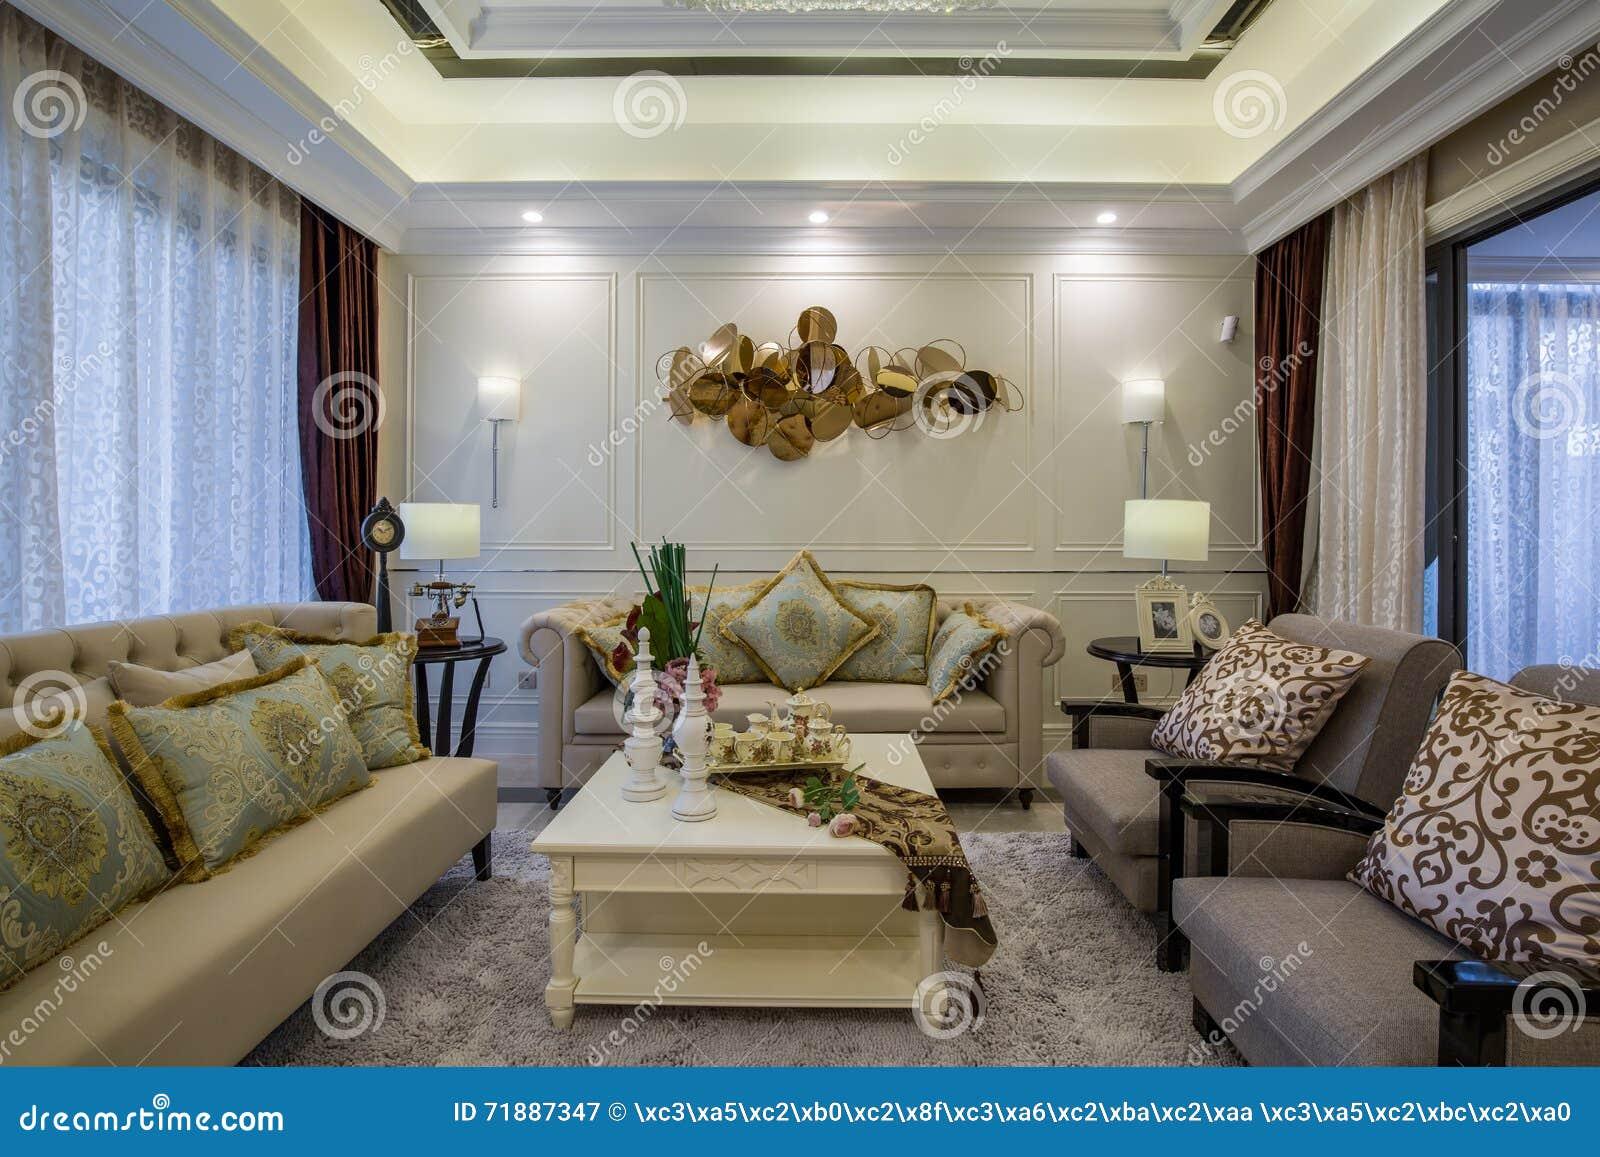 Interni Villa Di Lusso : Villa domestica interna di lusso moderna del salone del salone di